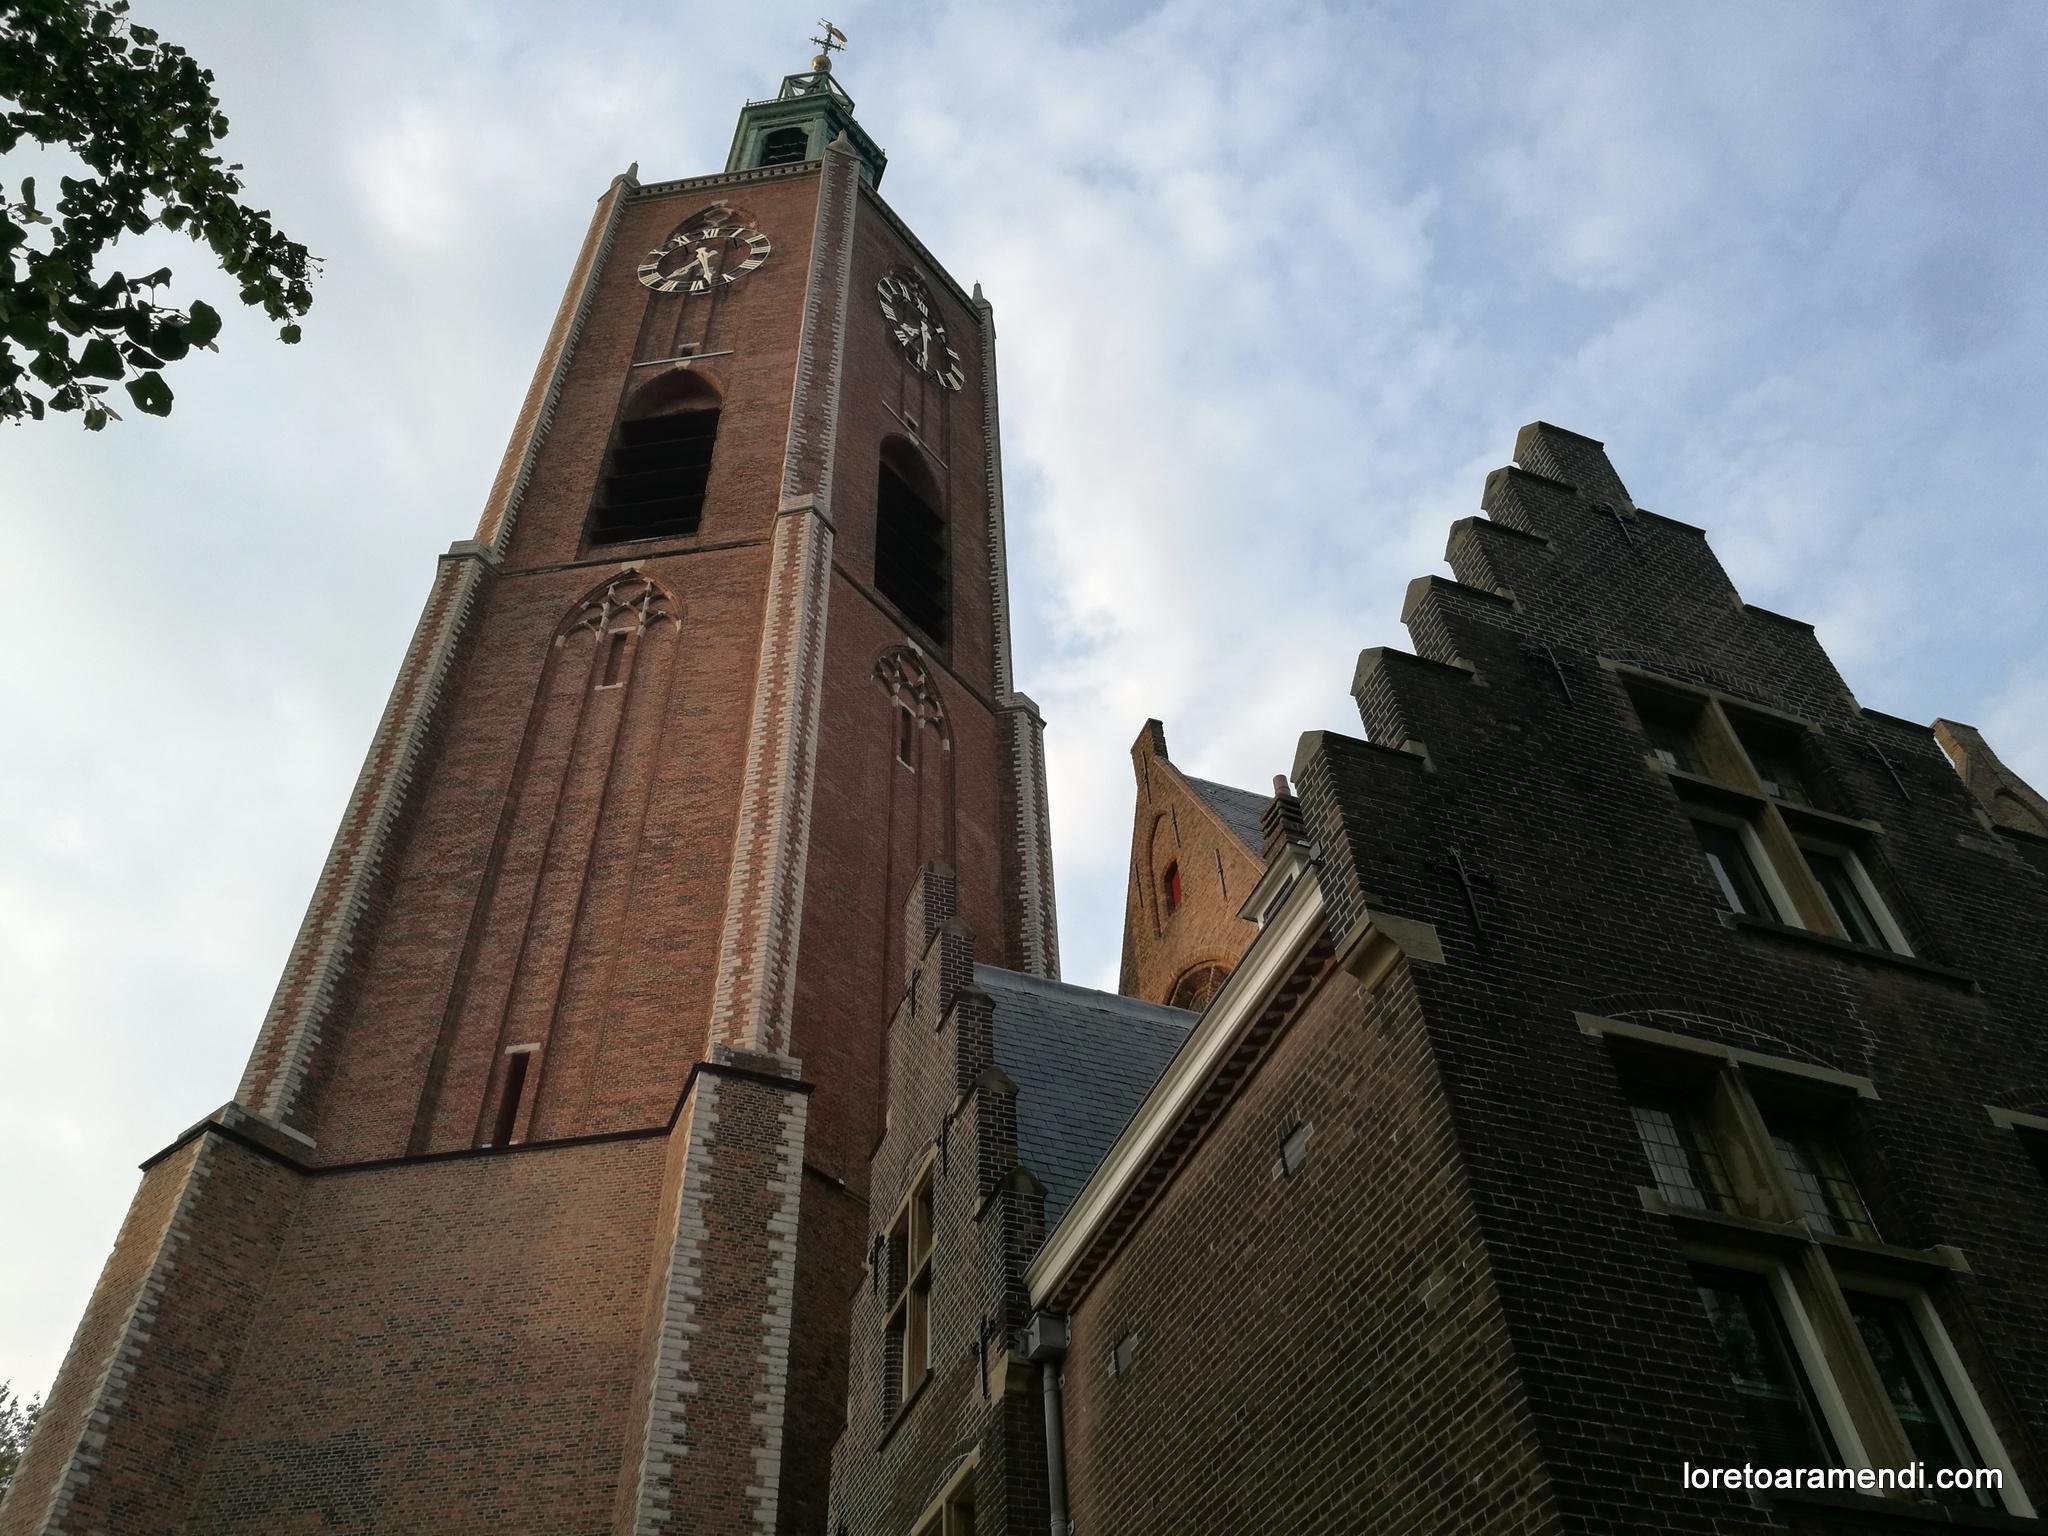 Grote Kerk La Haya Loreto Aramendi